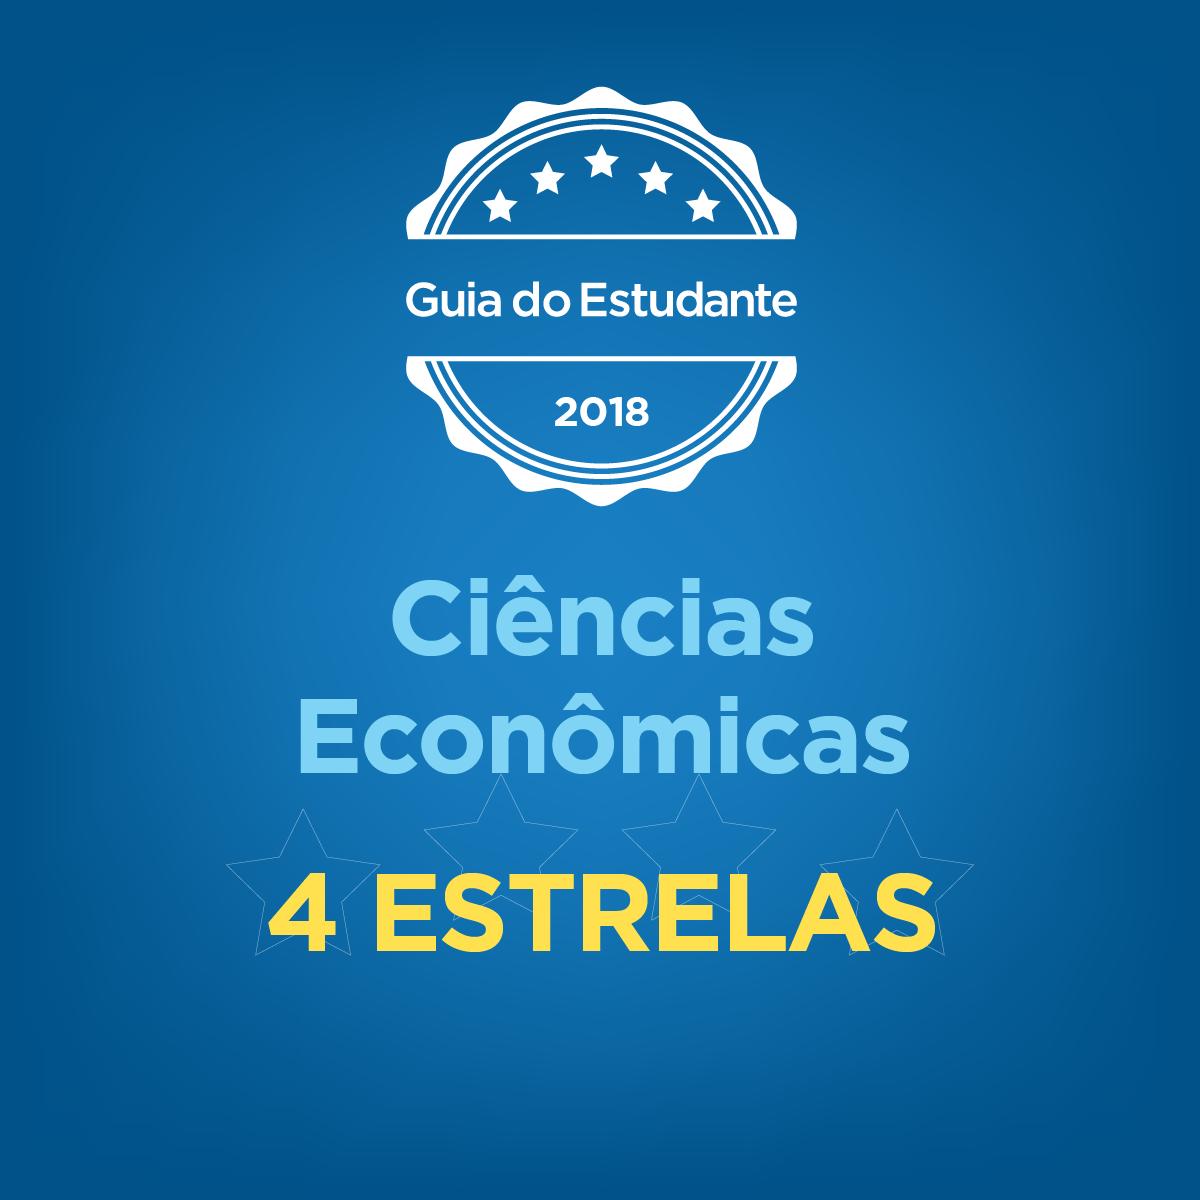 guia-estudante-ciencias-economicas